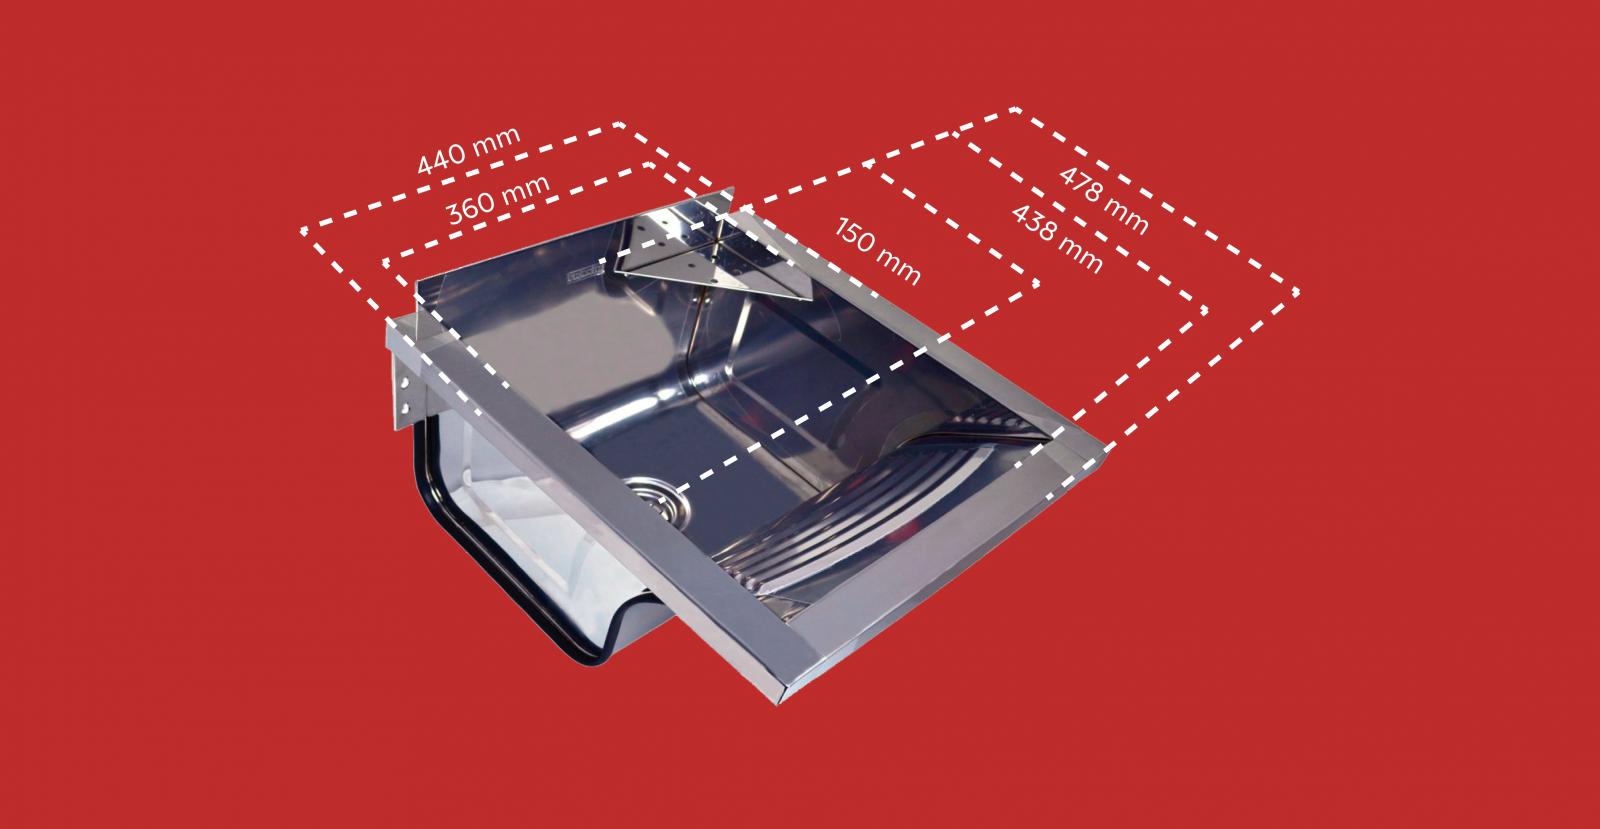 Tanque Inox Alto Brilho para Fixar Franke TS-360 Com Espelho